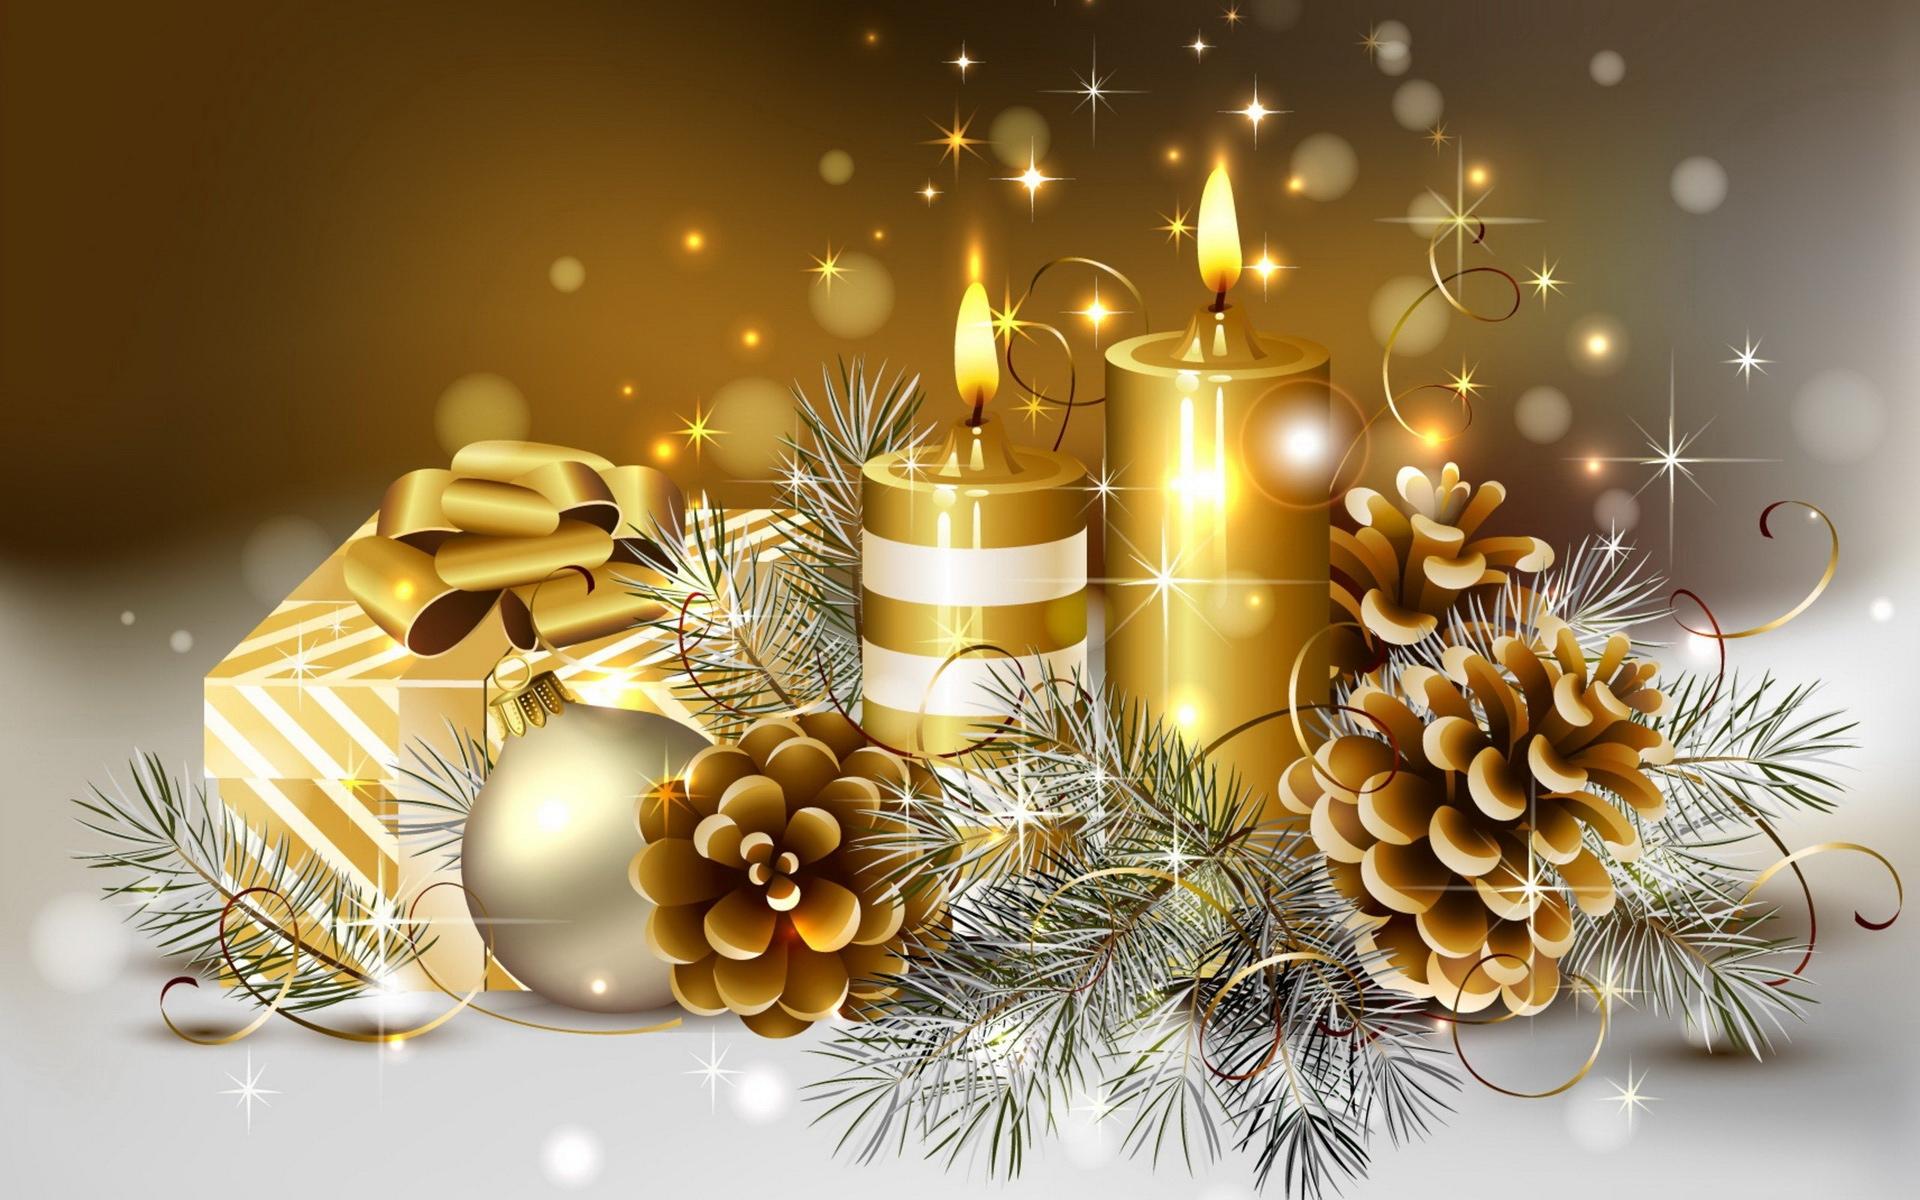 website kun je gratis gebruiken. Als je een kaart van deze website ...: www.kerstwensen.eu/kerstkaarten